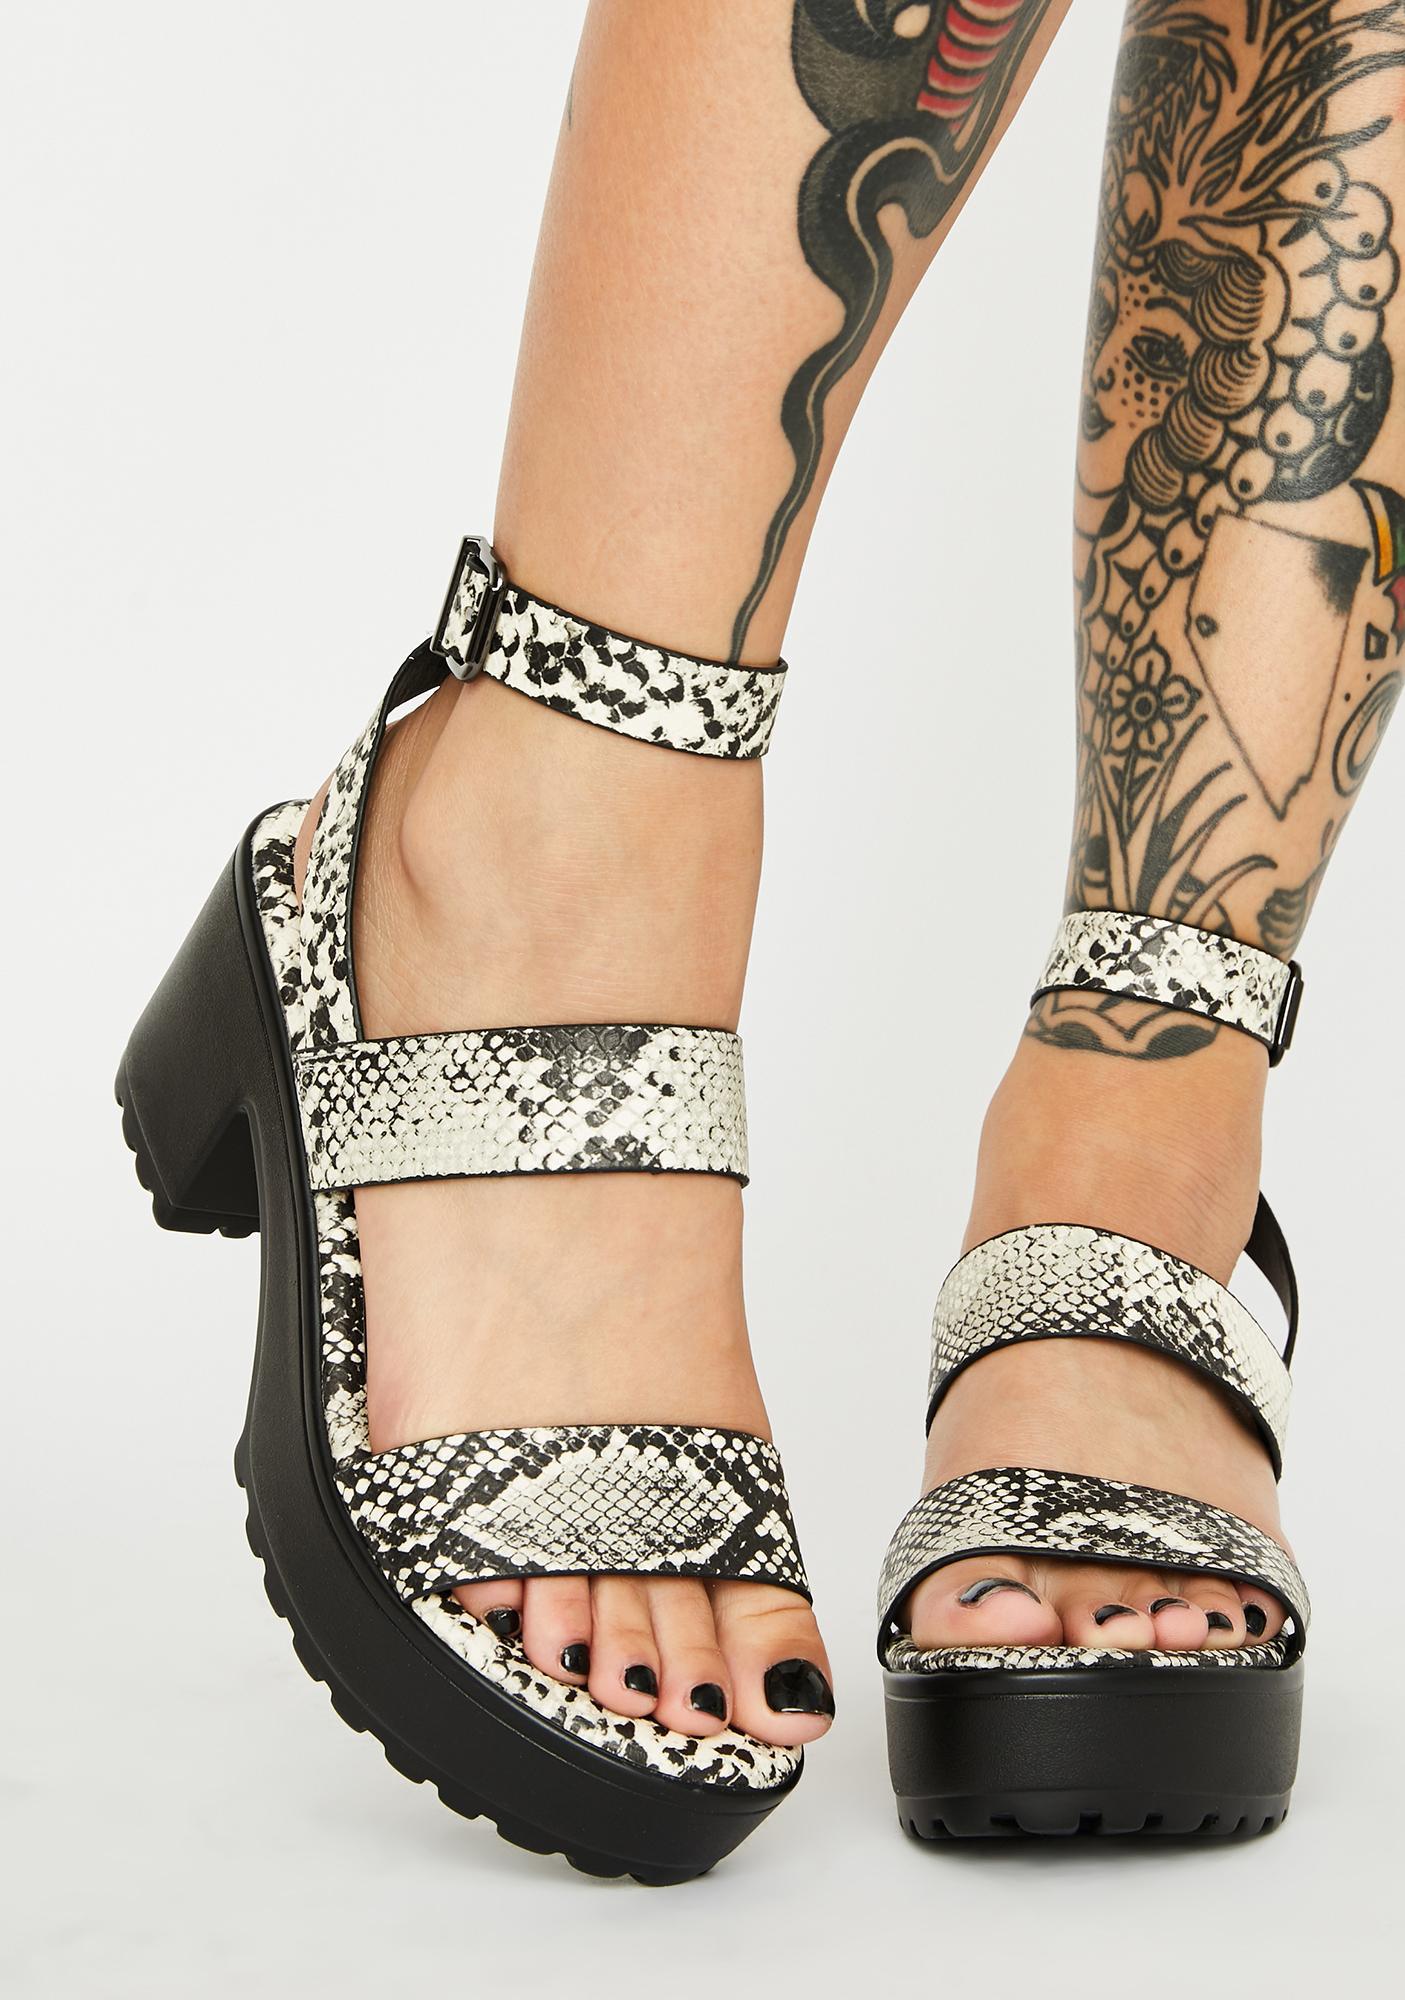 Hissy-Fit Snakeskin Platform Sandals